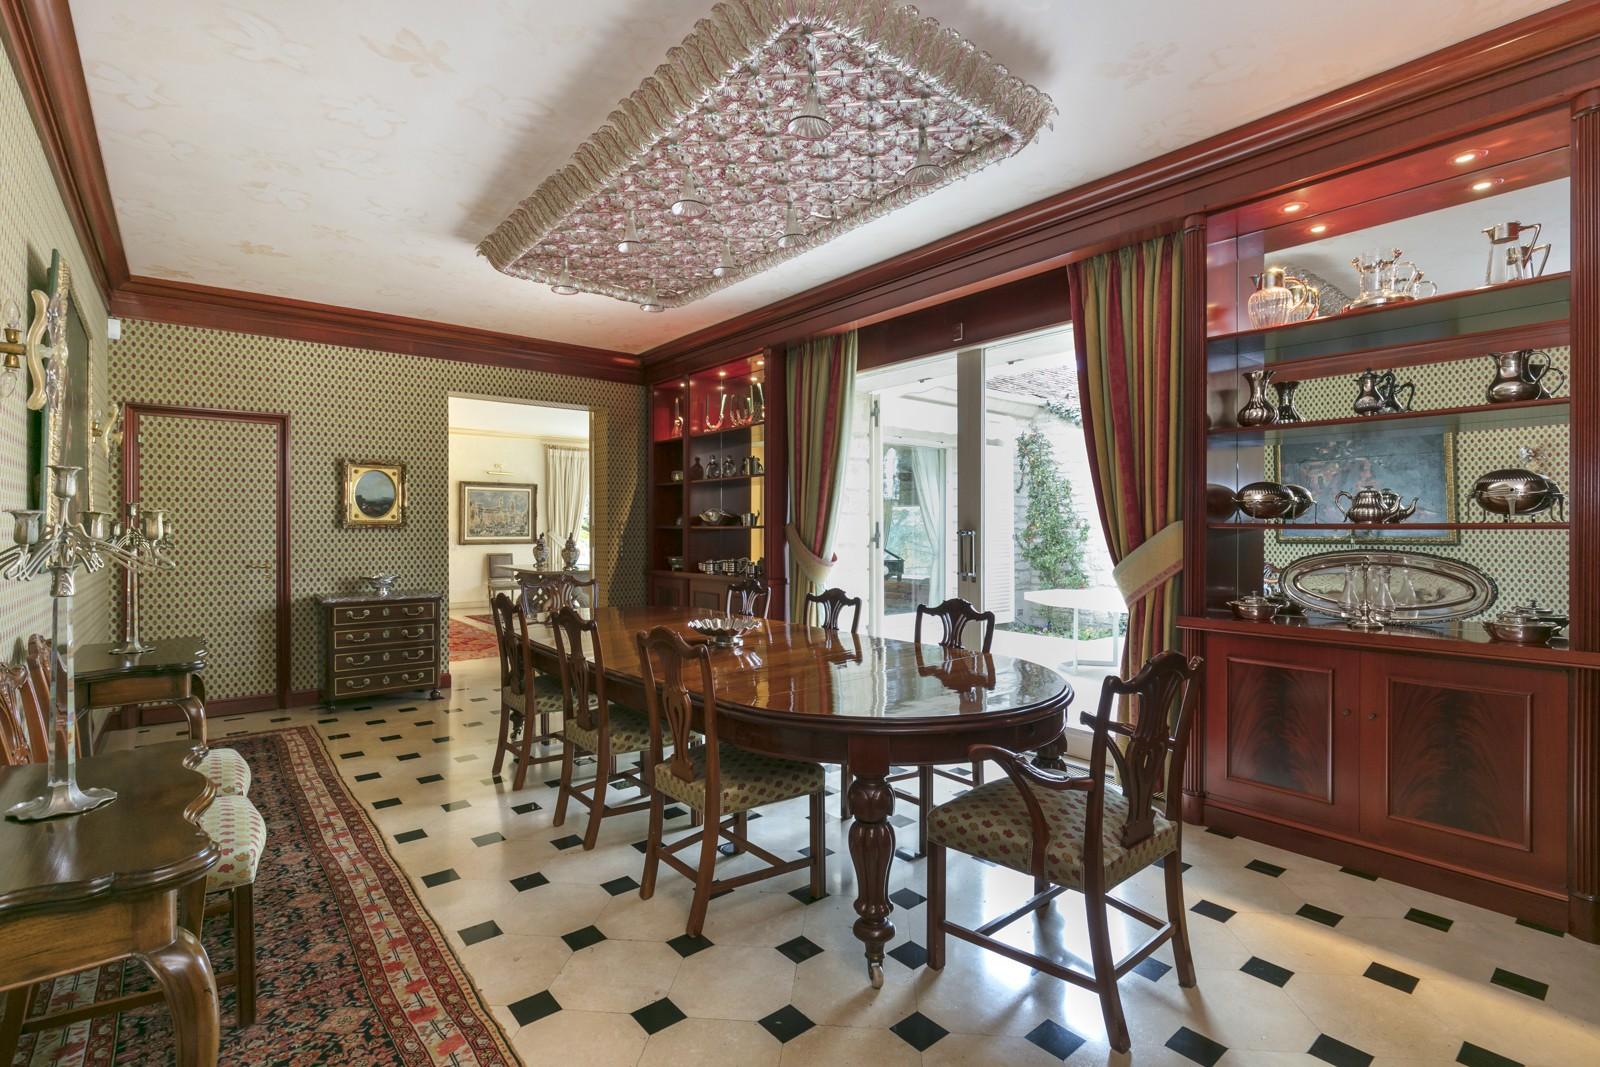 HIGH-END PROPERTY IN SAINT NOM LA BRETECHE, 9,332sqft HOUSE, 2.47-ACRE PLOT